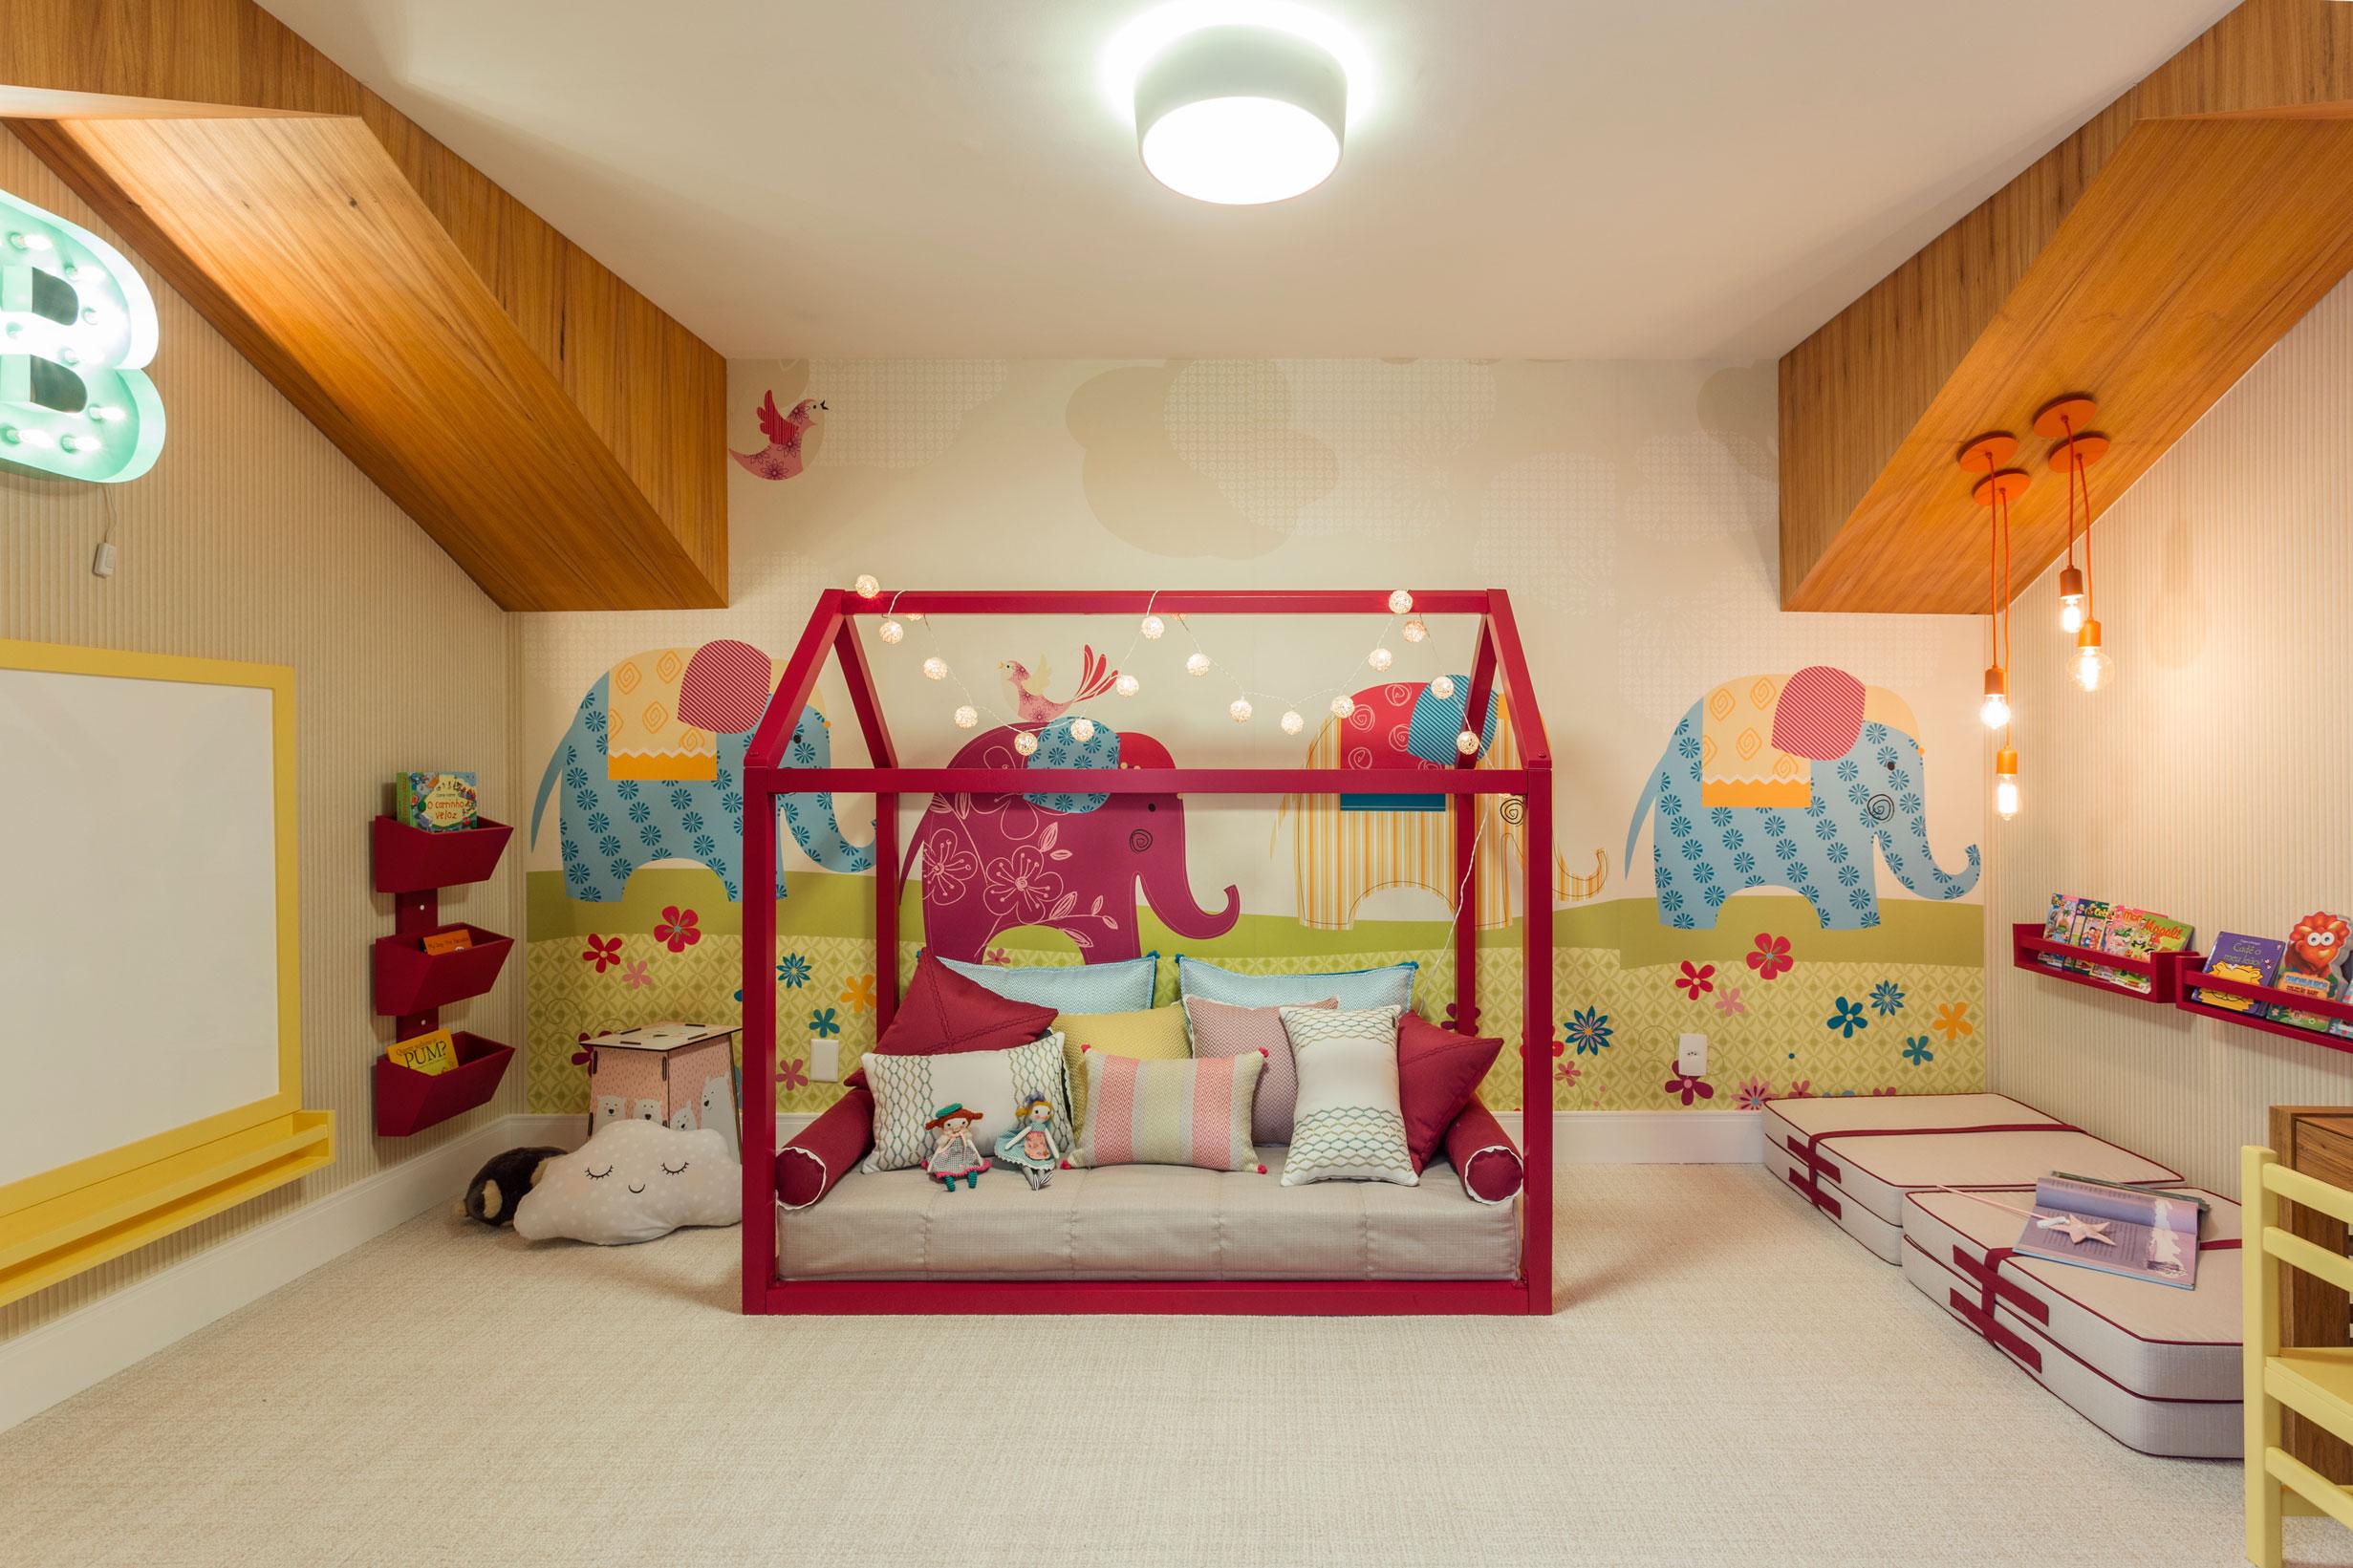 O projeto para uma garotinha de 4 anos inspirado no estilo Montessoriano, para isso a arquiteta utilizou móveis mais baixos como mesas e camas, além do uso de cores lúdicas na decoração.